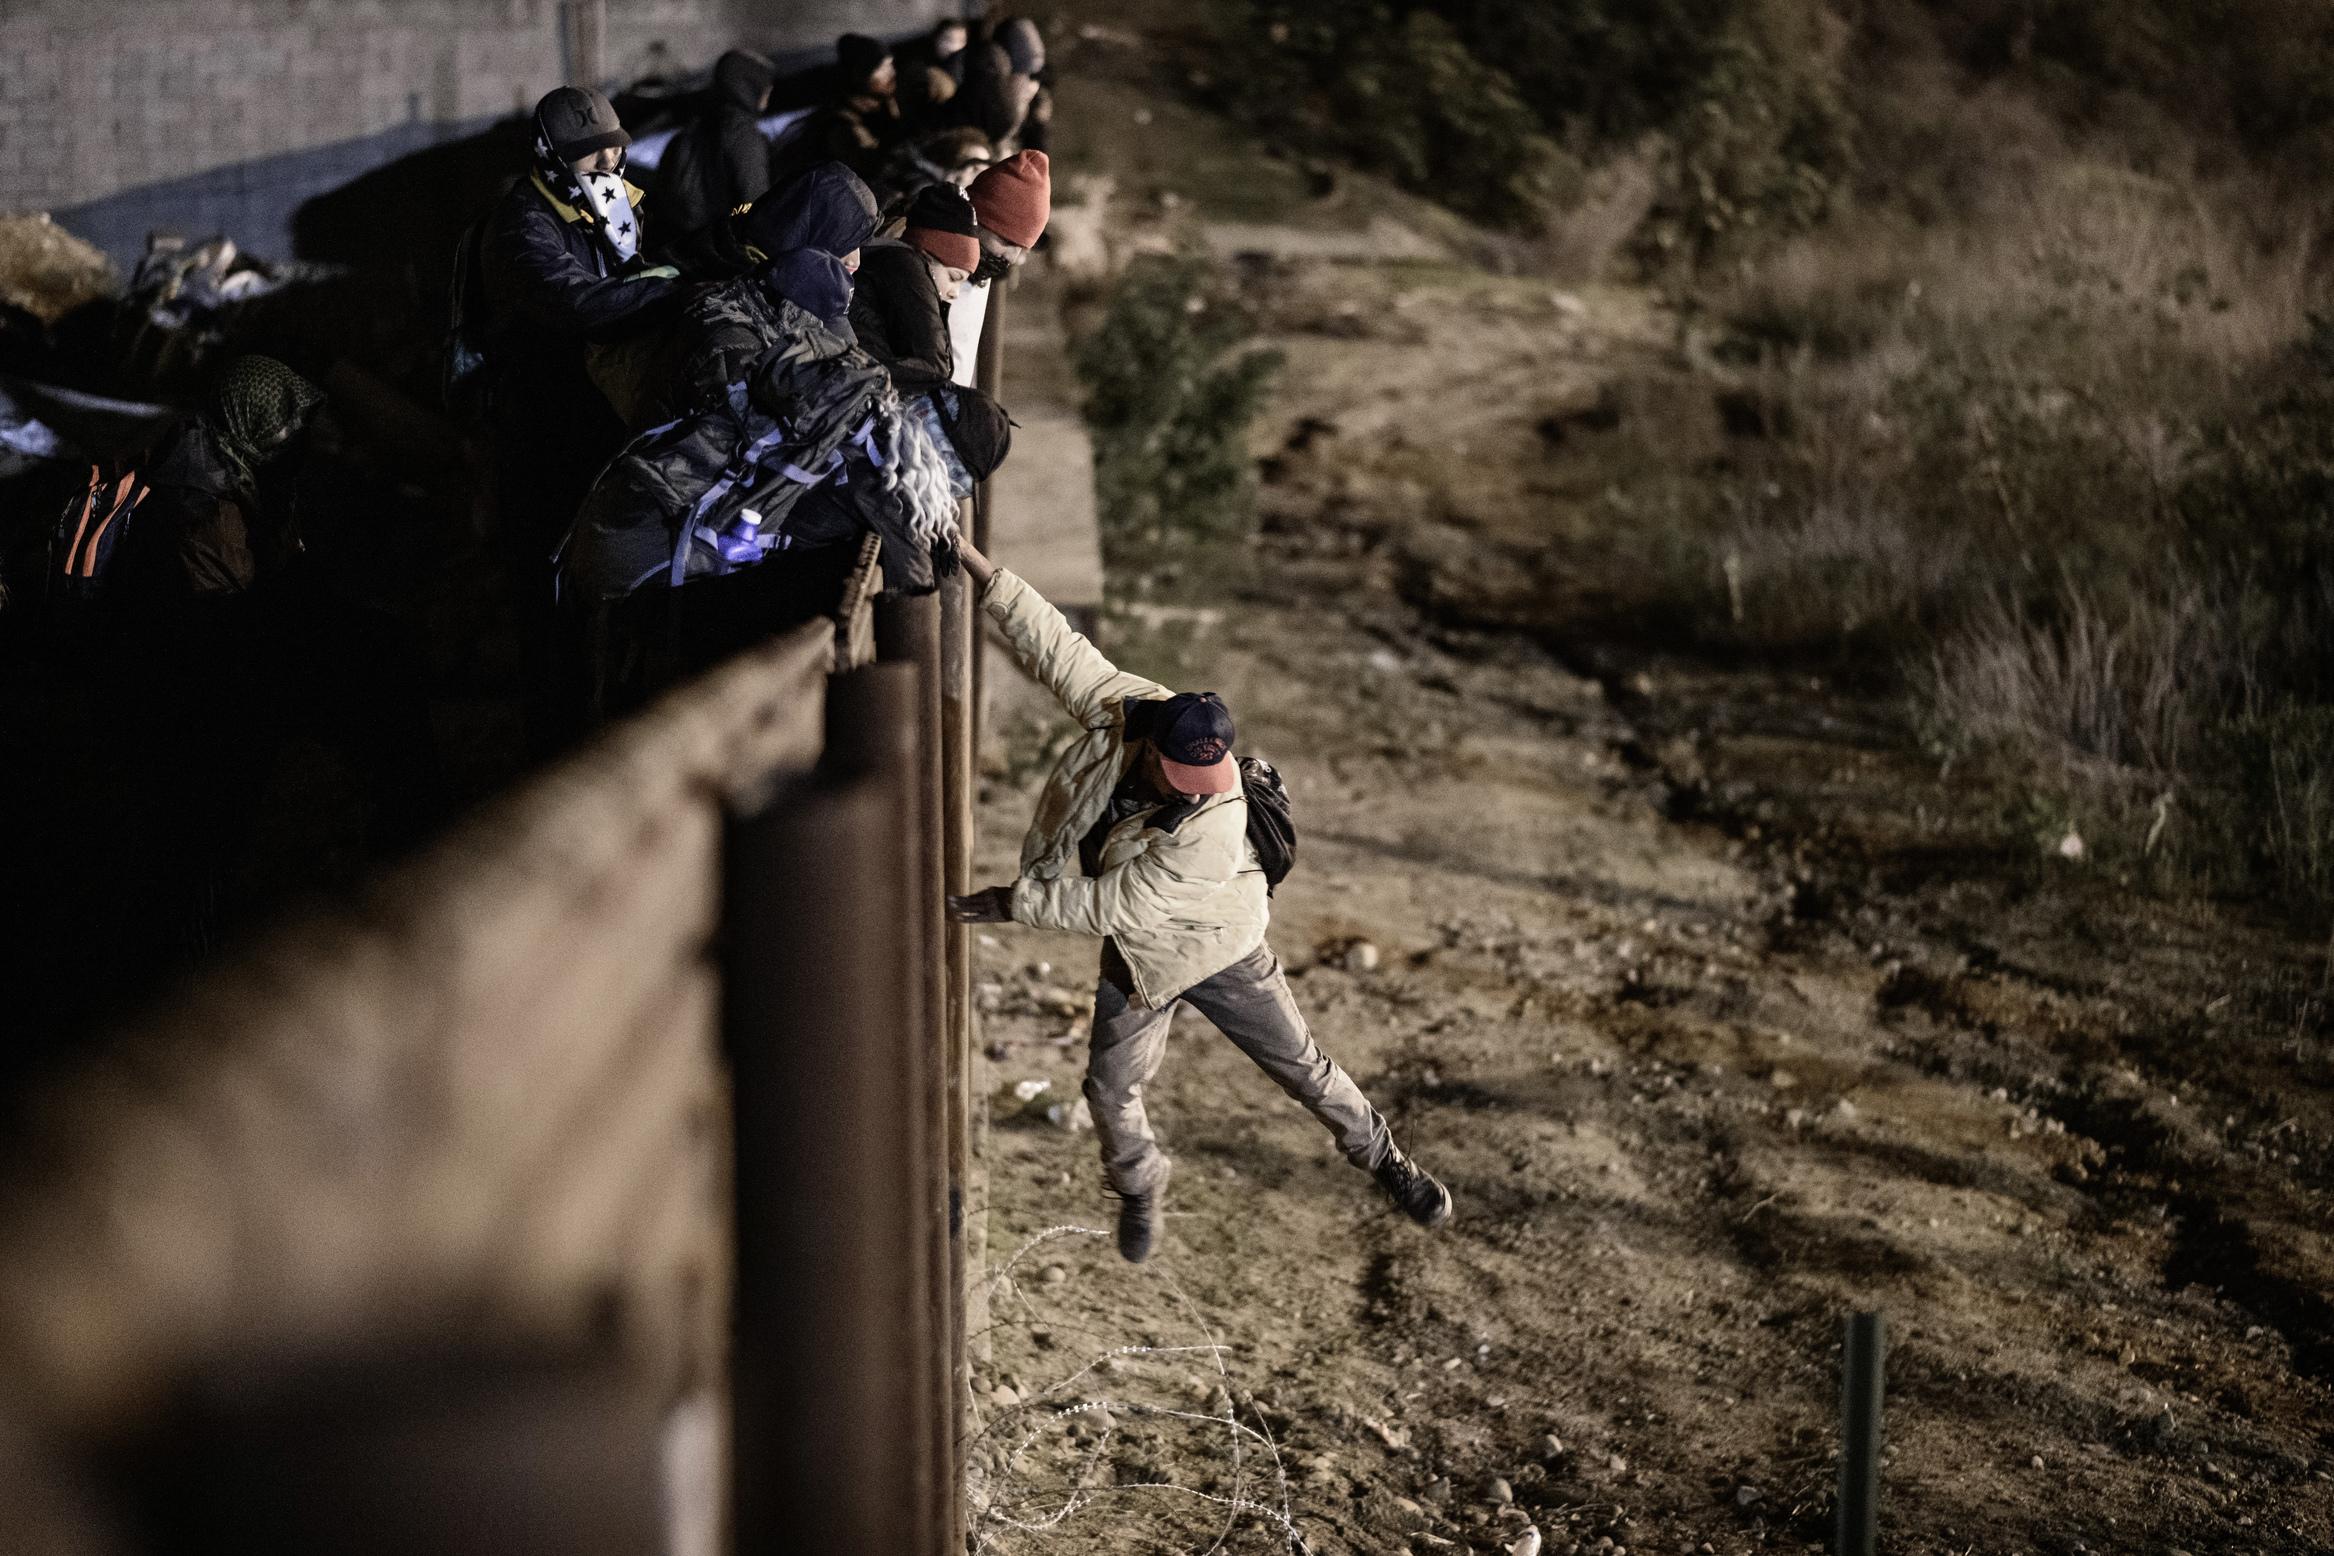 Los agentes de protección de la frontera de EE. UU. Envían a los migrantes a la parte mexicana de la valla fronteriza después de que subieron la valla para llegar a San Diego, California, desde Tijuana, México, el martes 1 de enero de 2019. (Foto AP / Daniel Ochoa de Olza)